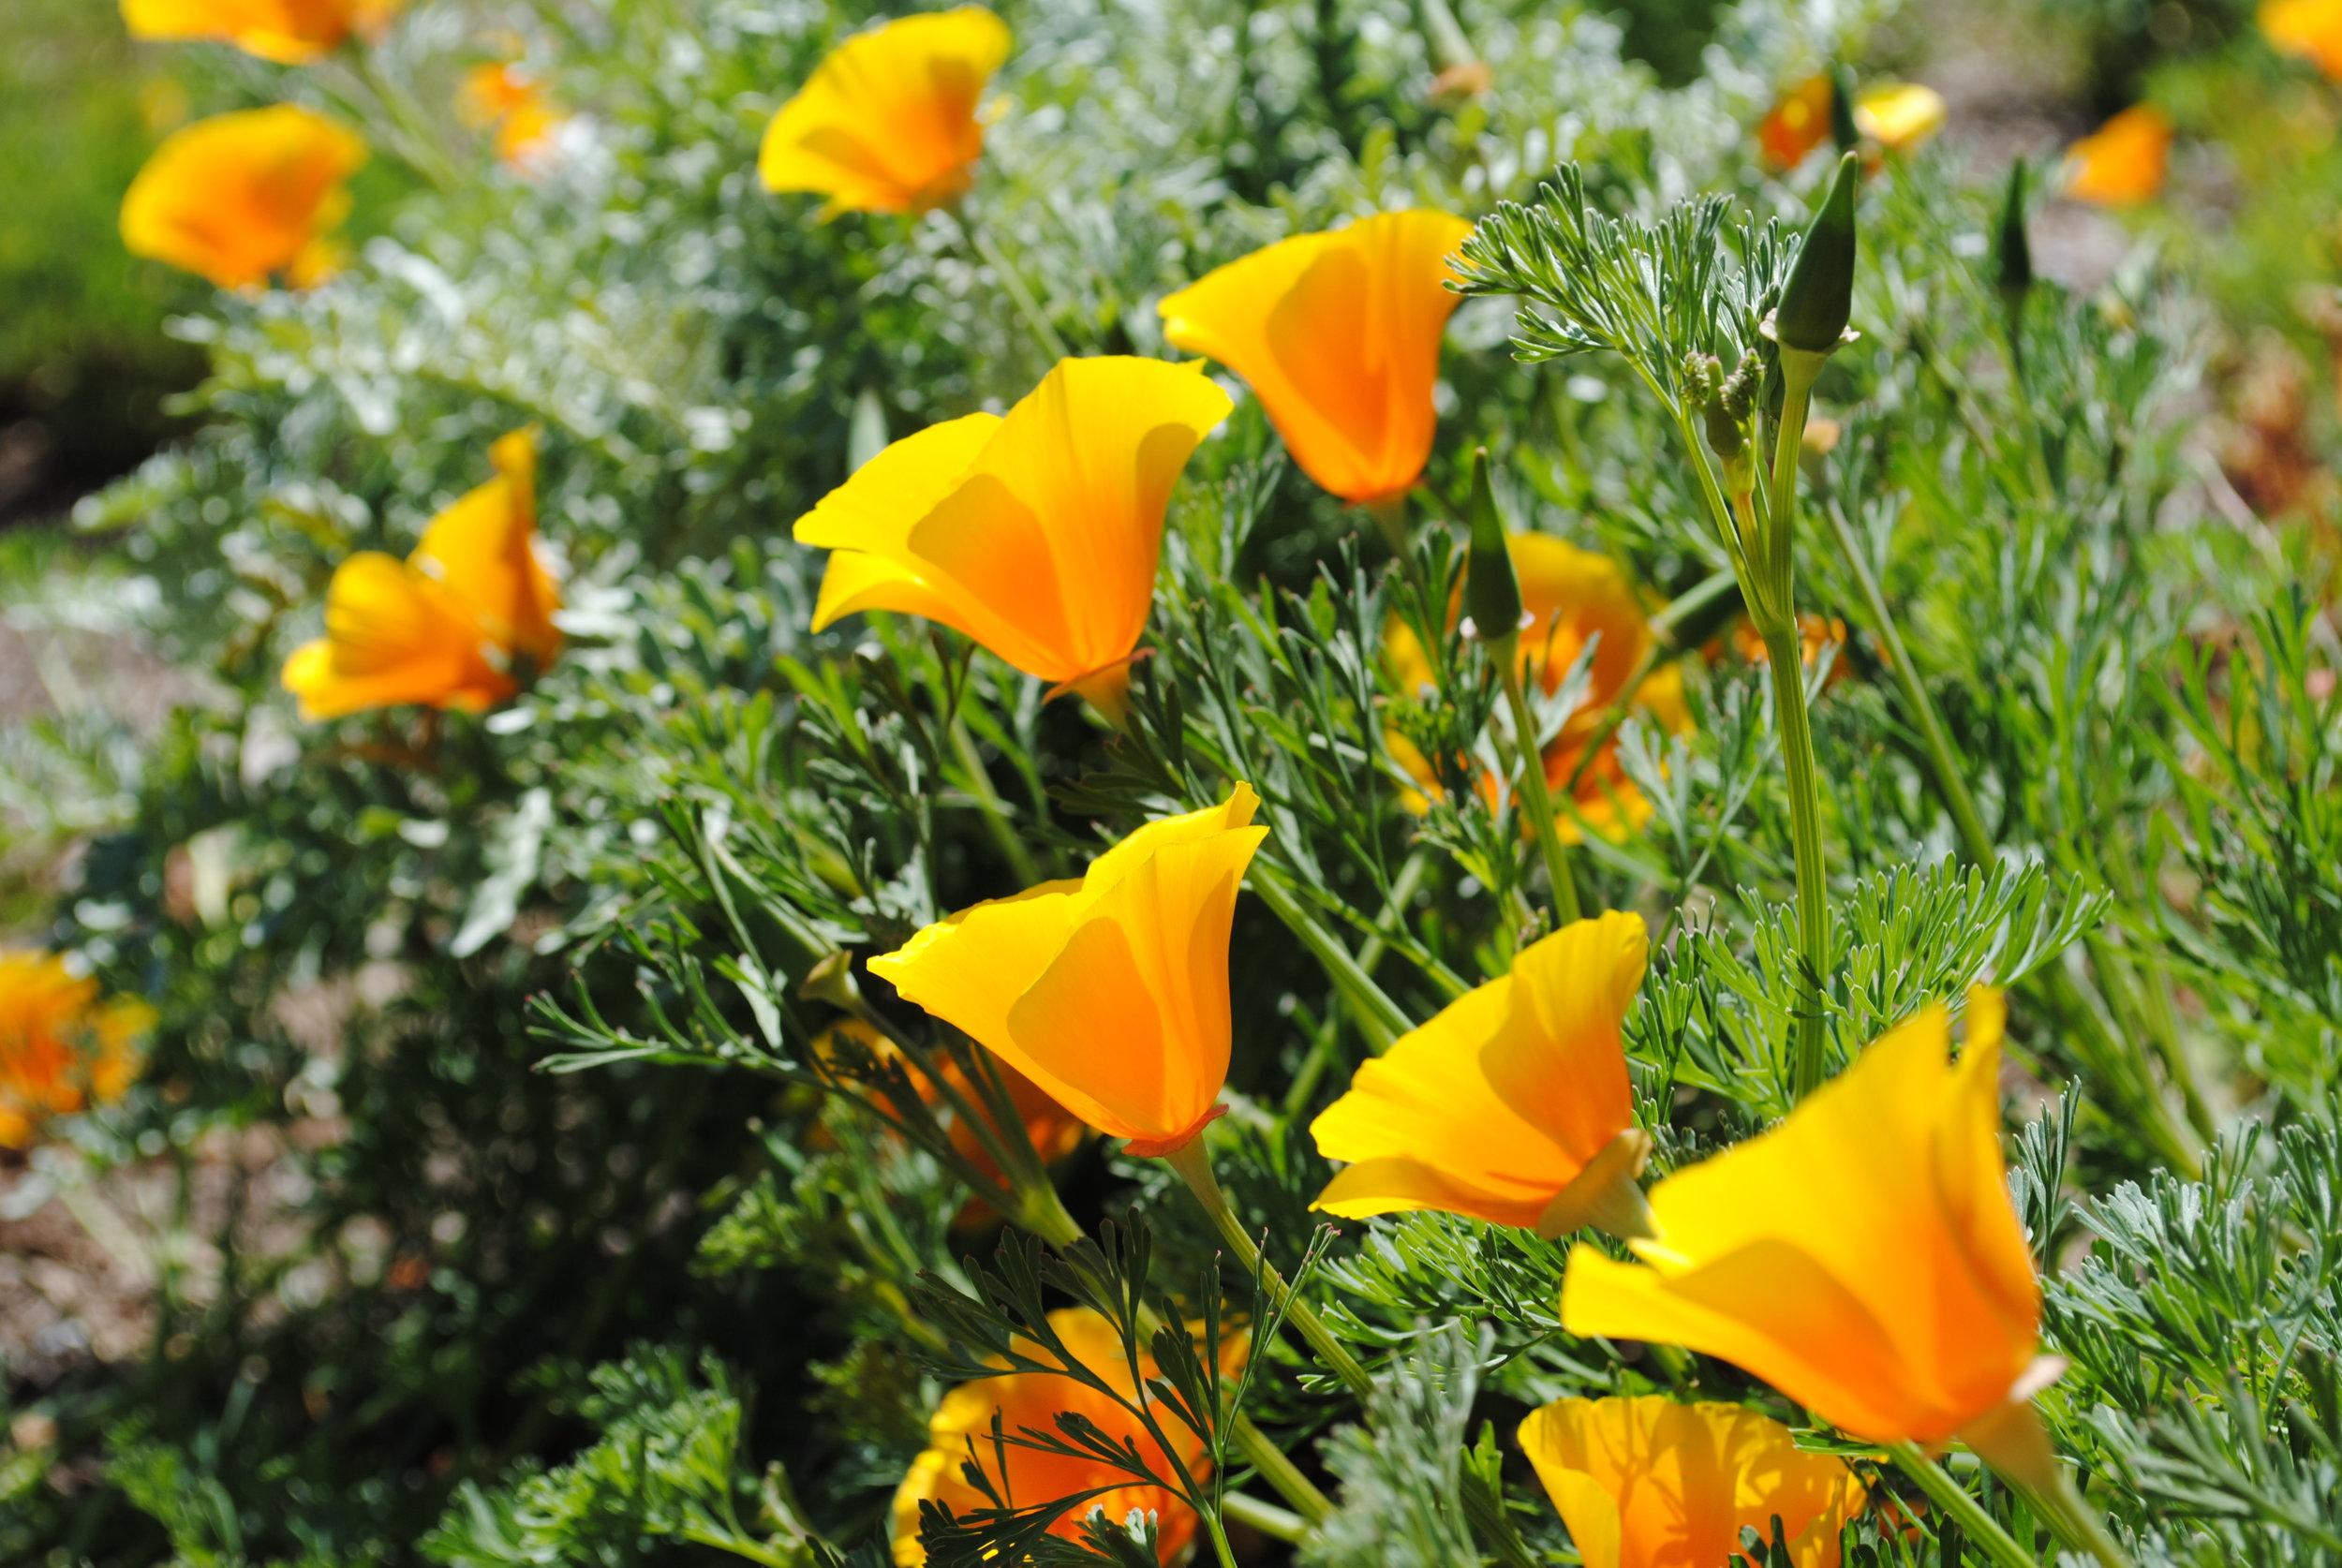 Build a garden. Grow a community. - The Emerson Avenue Community Garden